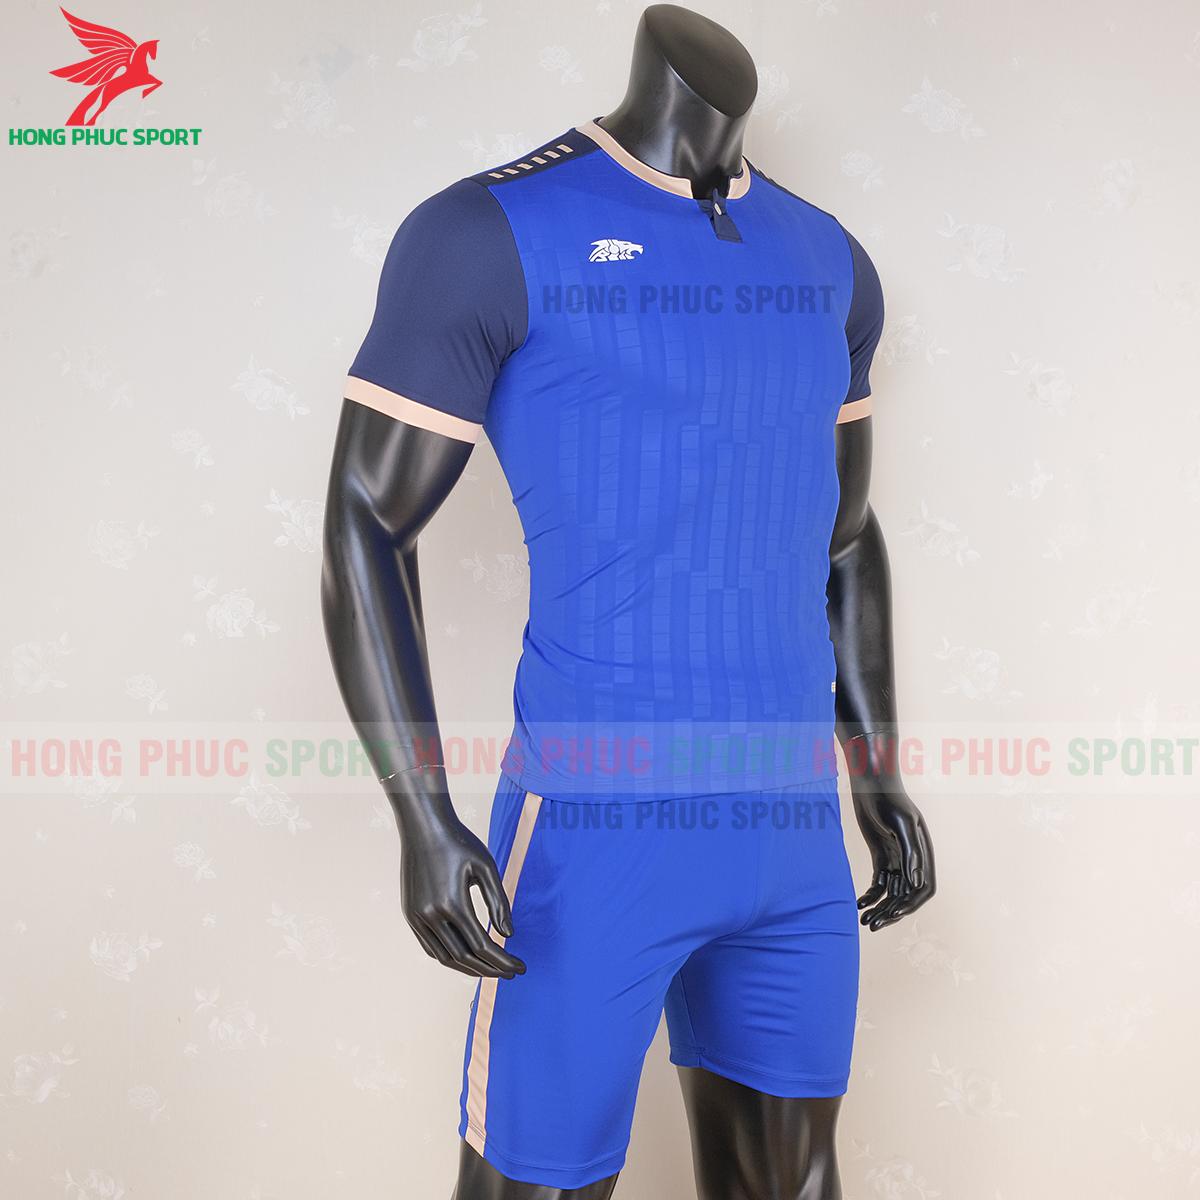 https://cdn.hongphucsport.com/unsafe/s4.shopbay.vn/files/285/ao-bong-da-khong-logo-riki-neck-xanh-duong-1-5f71afd848b37.png